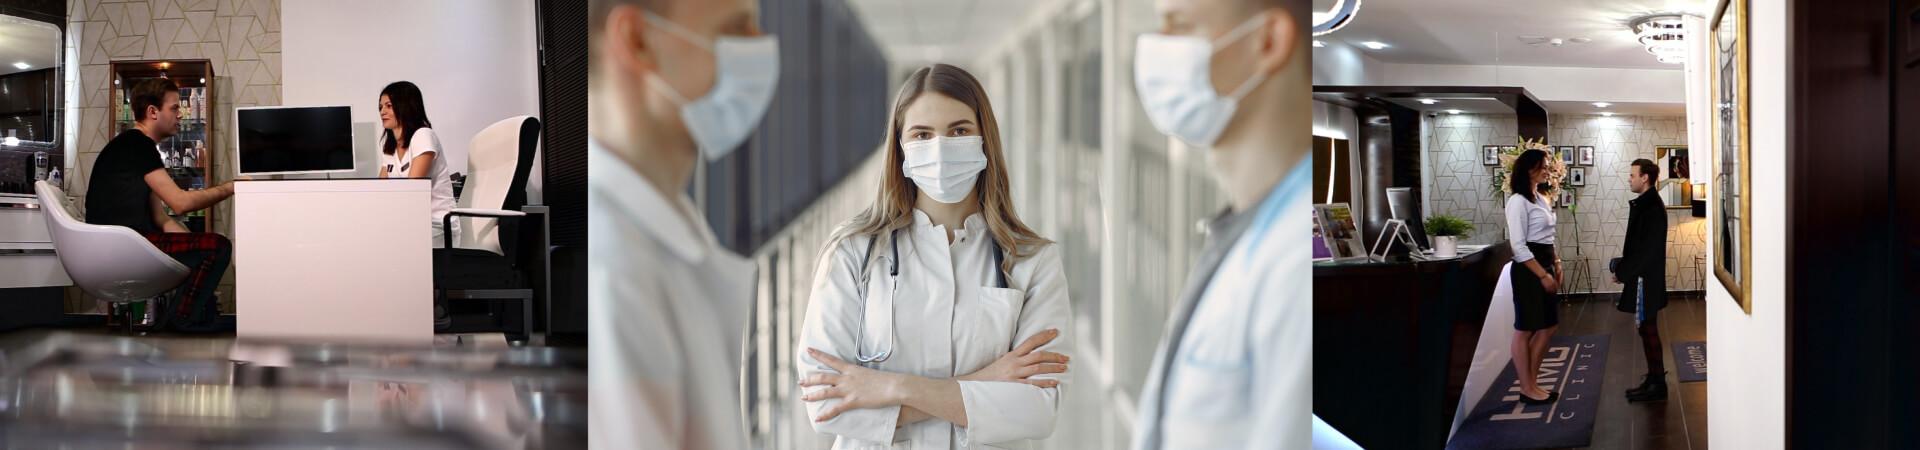 Reumatológus szakorvos állás